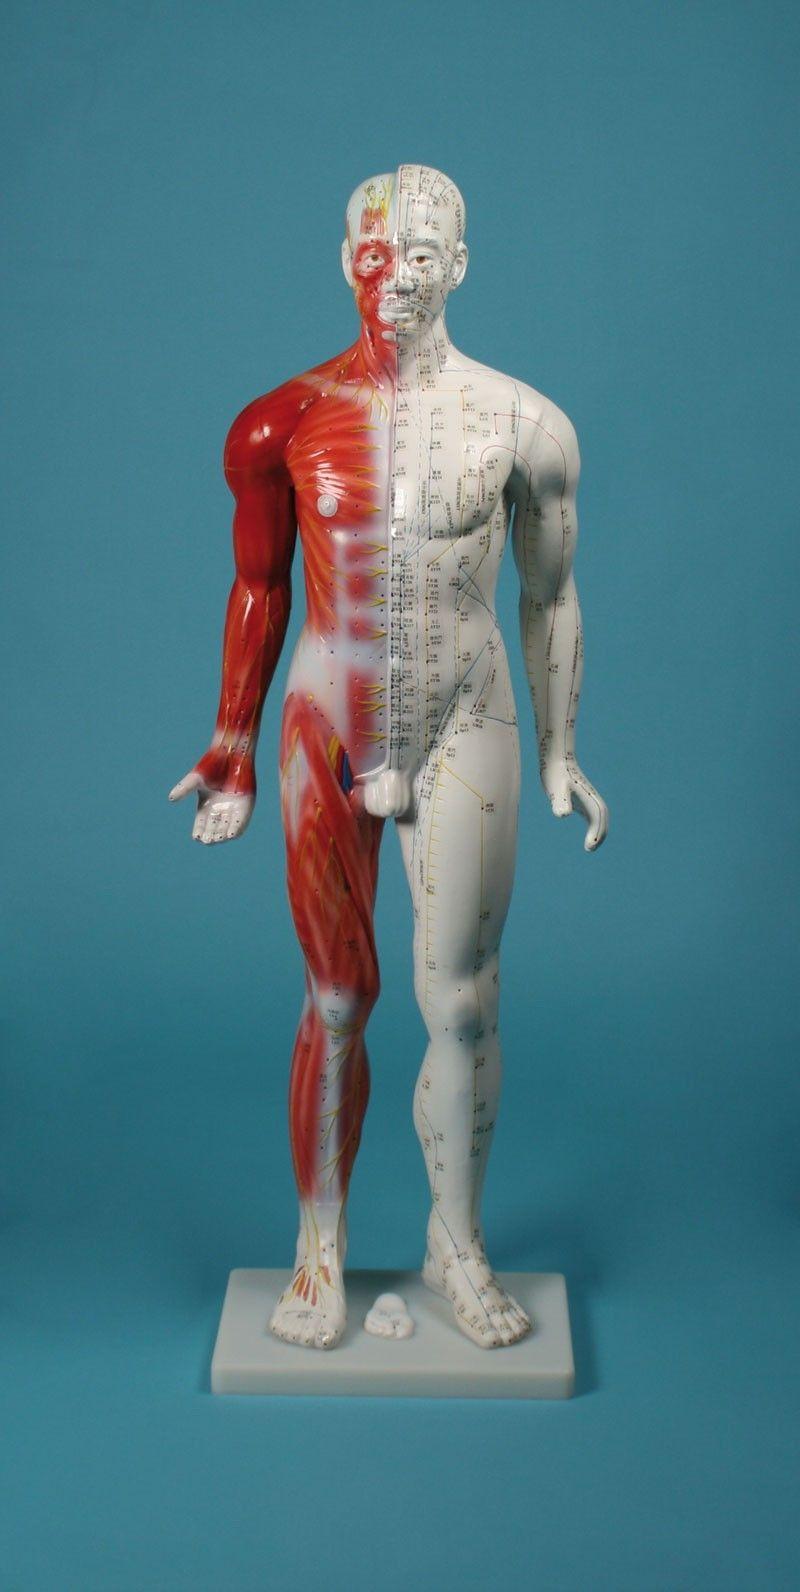 Vente du modèle d'acupuncture masculin 80 cm 2050 Erler Zimmer à 76.63